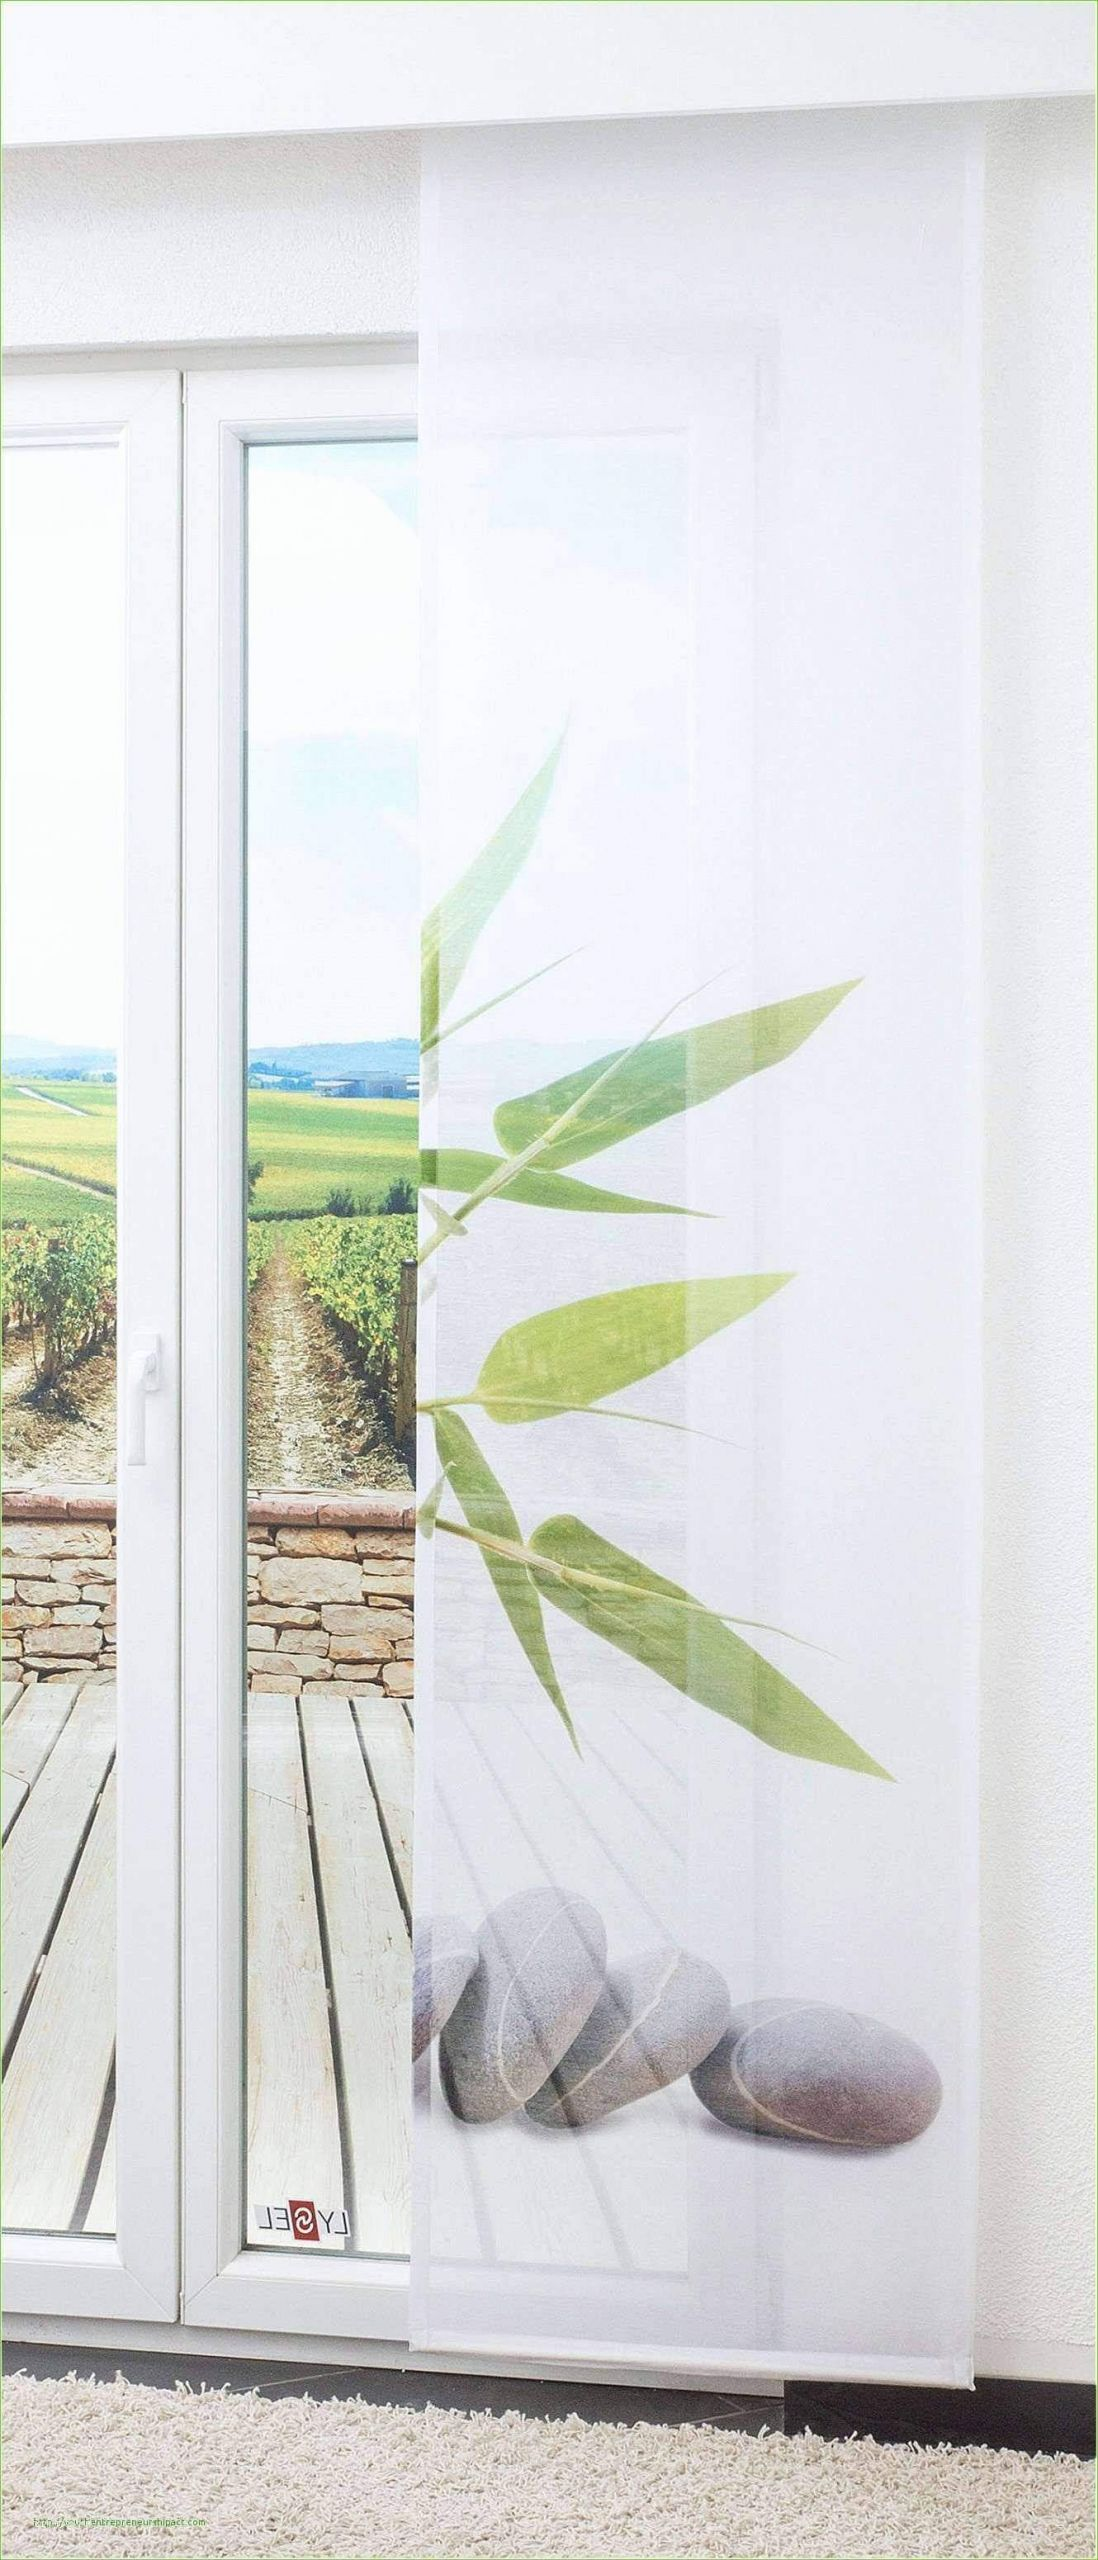 Wanddekoration Garten Luxus 34 Inspirierend Holzstamm Deko Garten Elegant